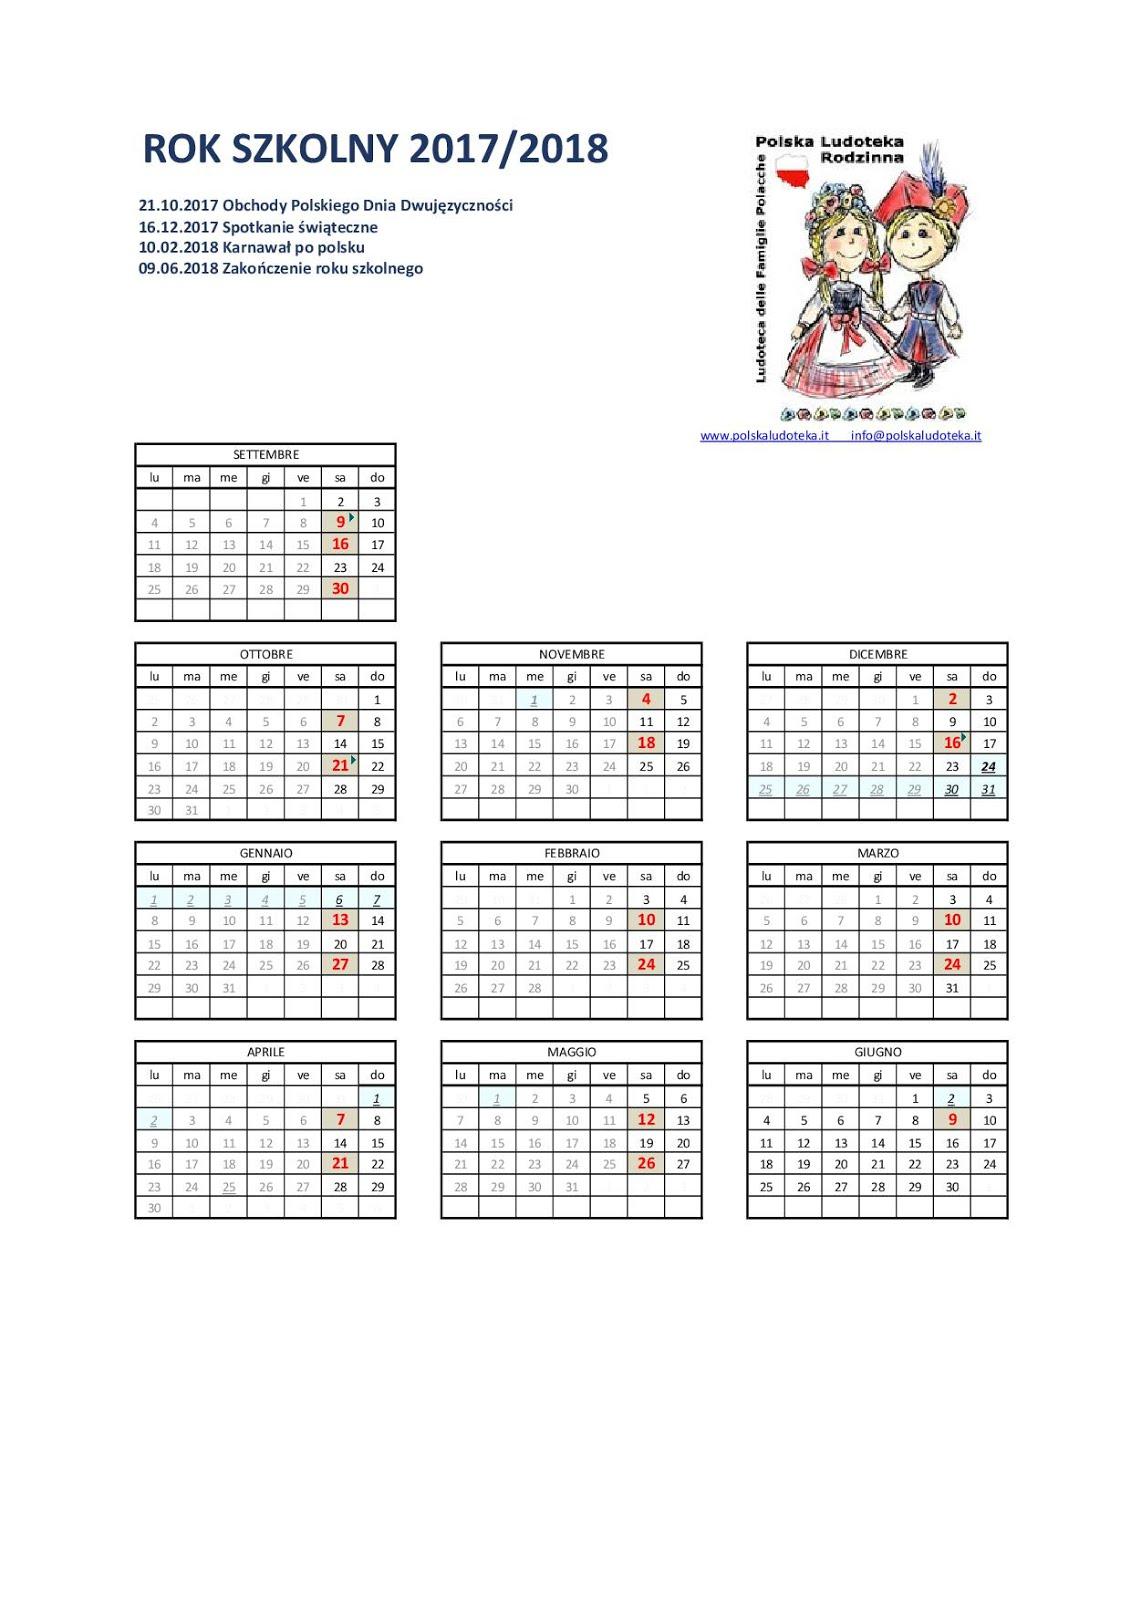 Kalendarz zajęć 2017/2018